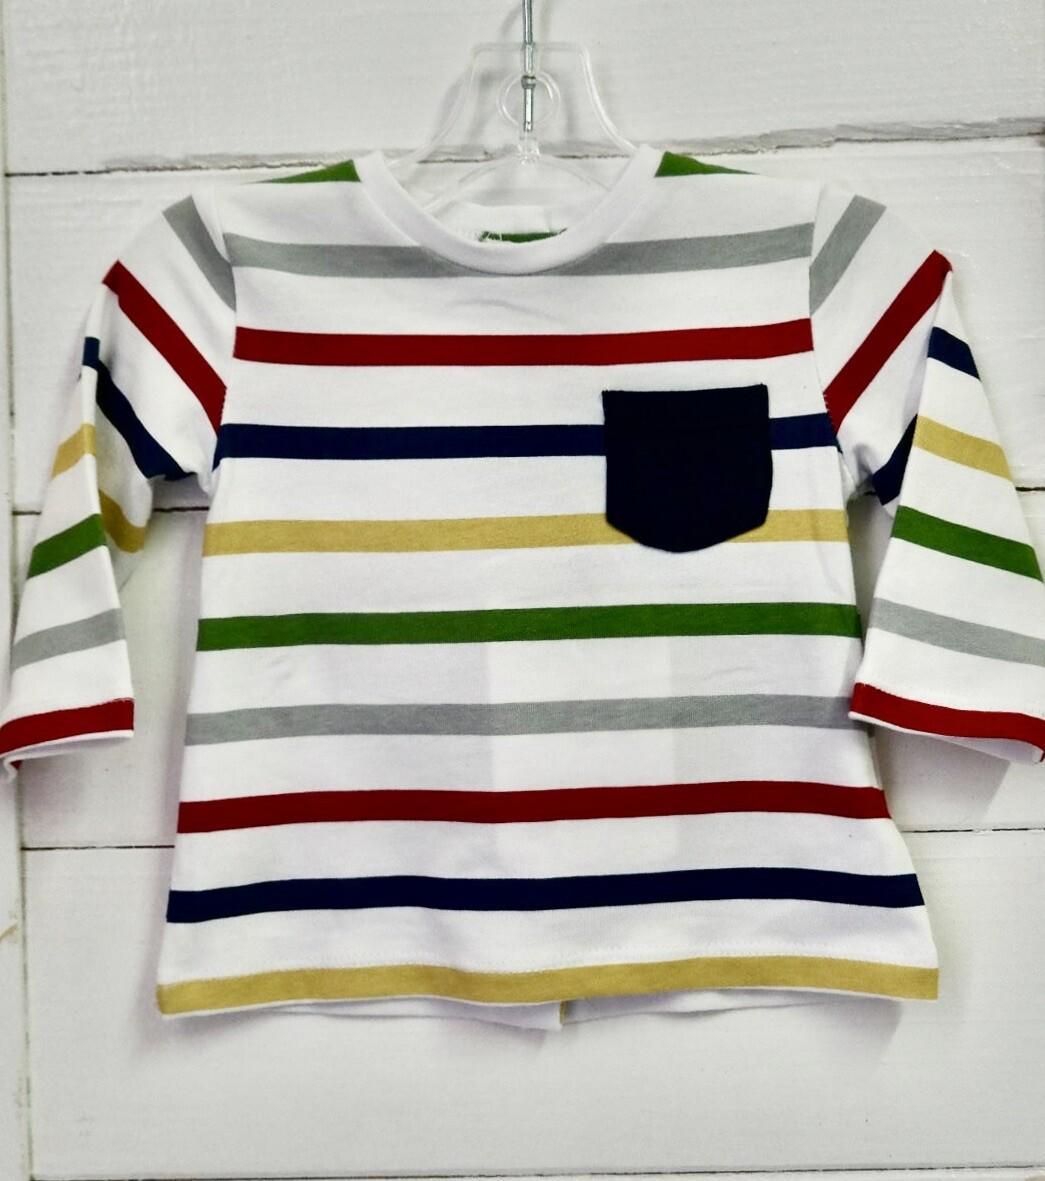 Cuore L/S tee - 12mo Stripe